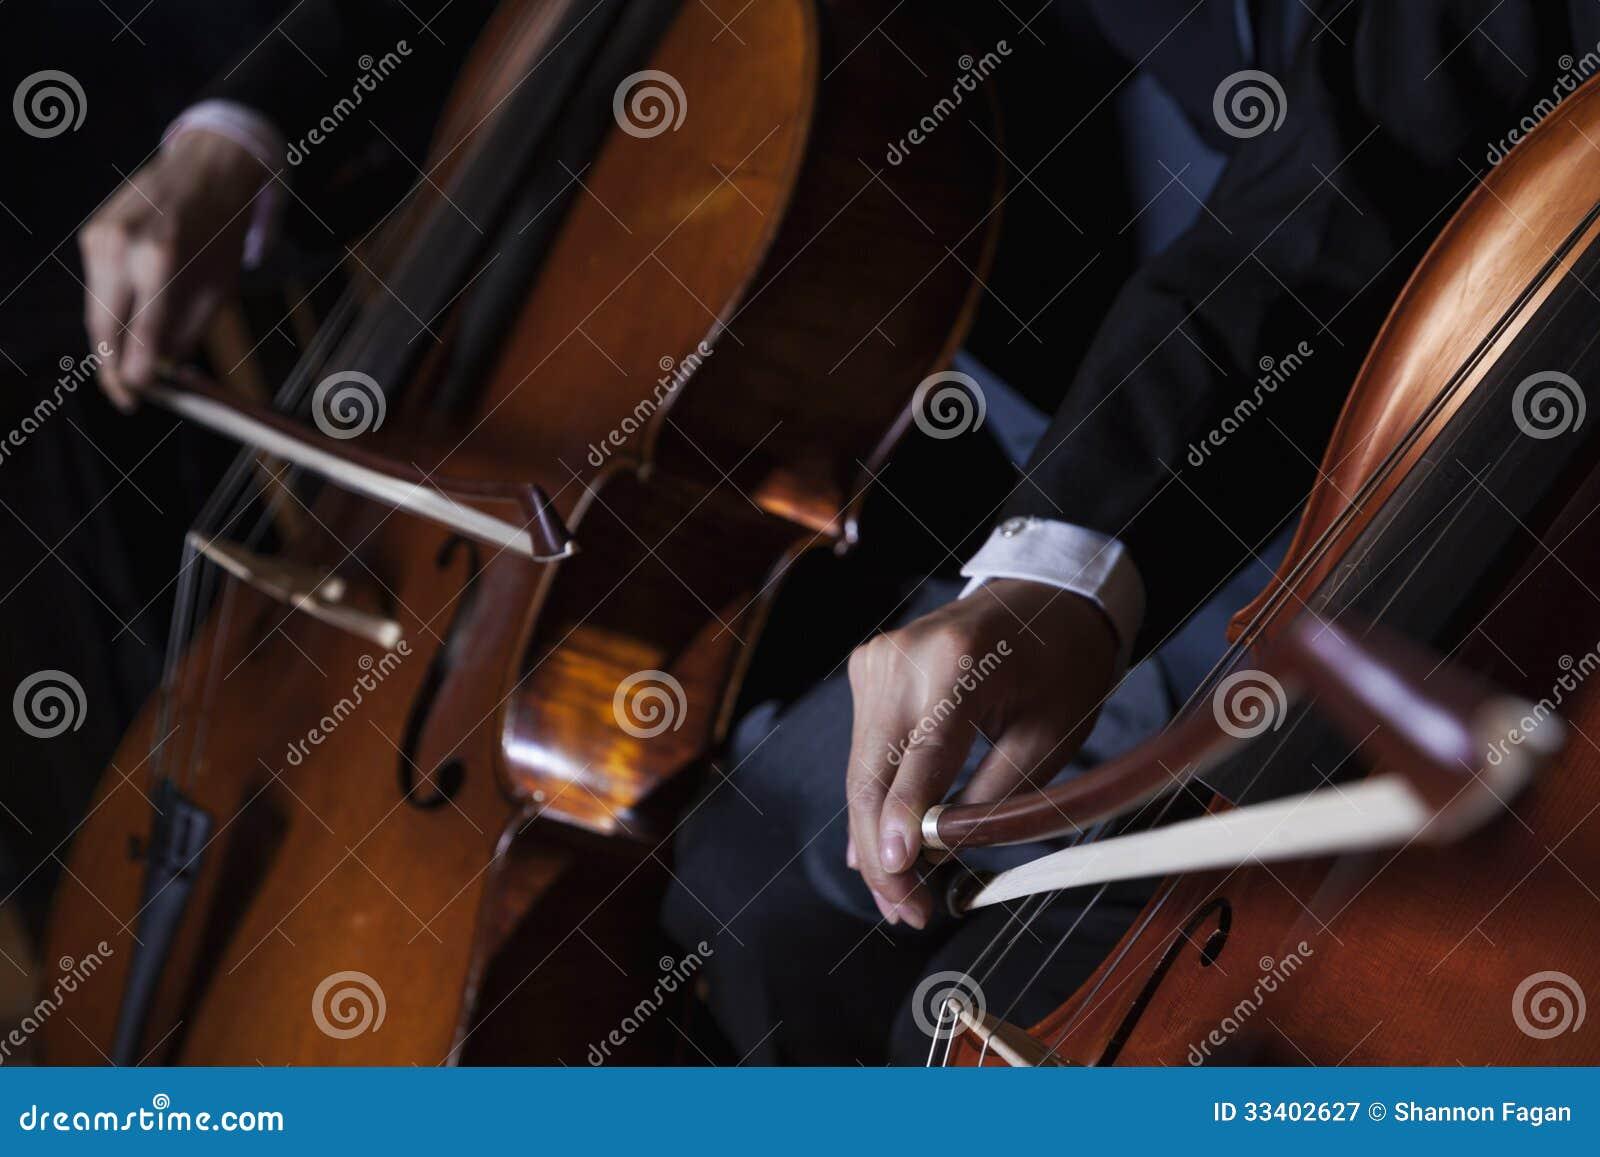 Close-up de uma seção mestra de dois violoncelistas que jogam o violoncelo durante um desempenho